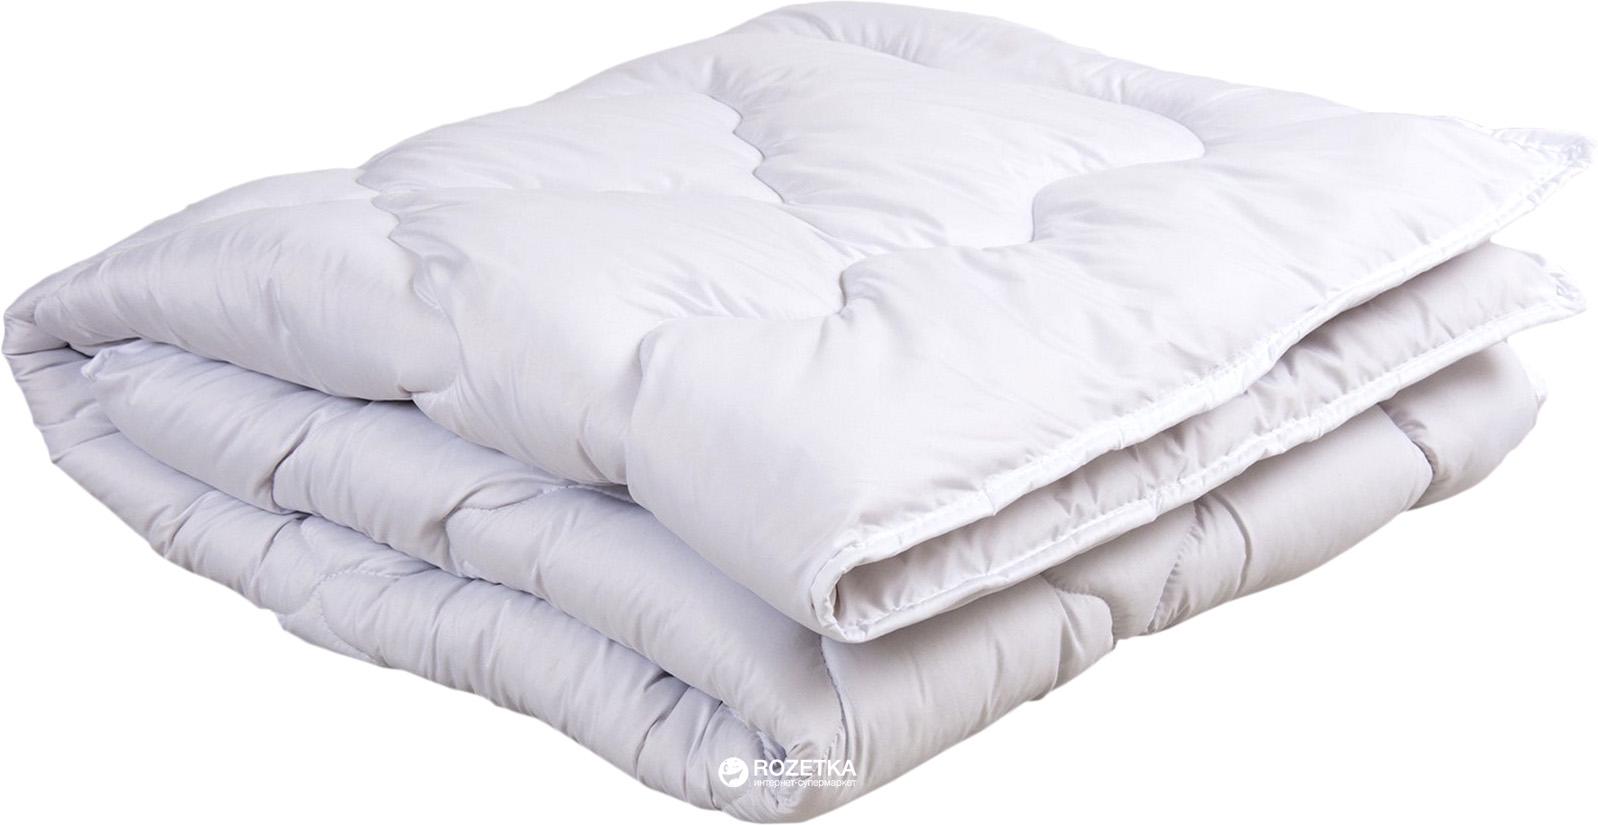 Где купить хорошее одеяло